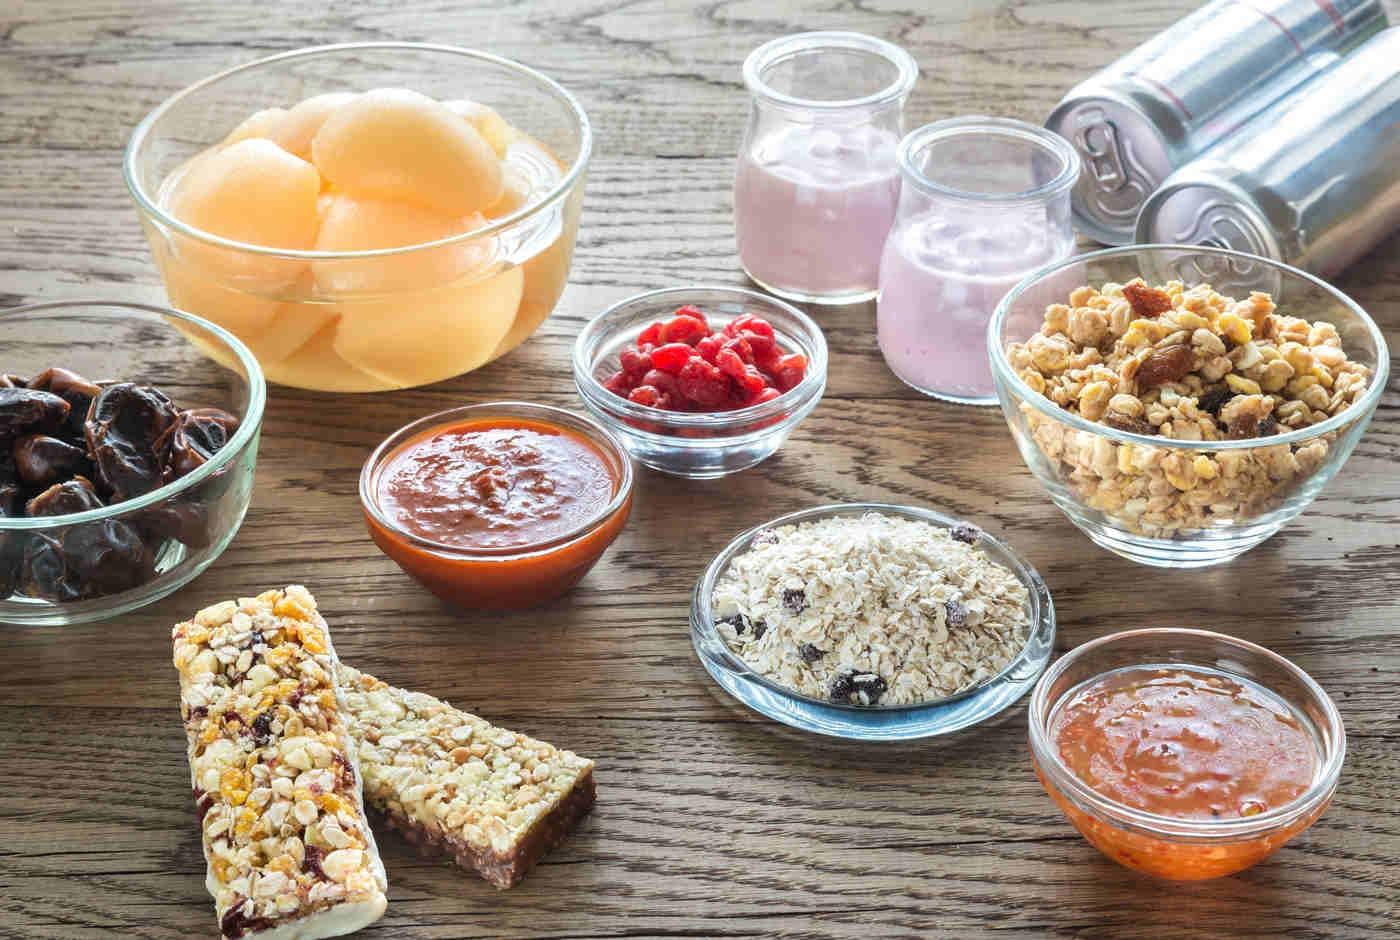 Topul alimentelor care conțin zahăr ascuns